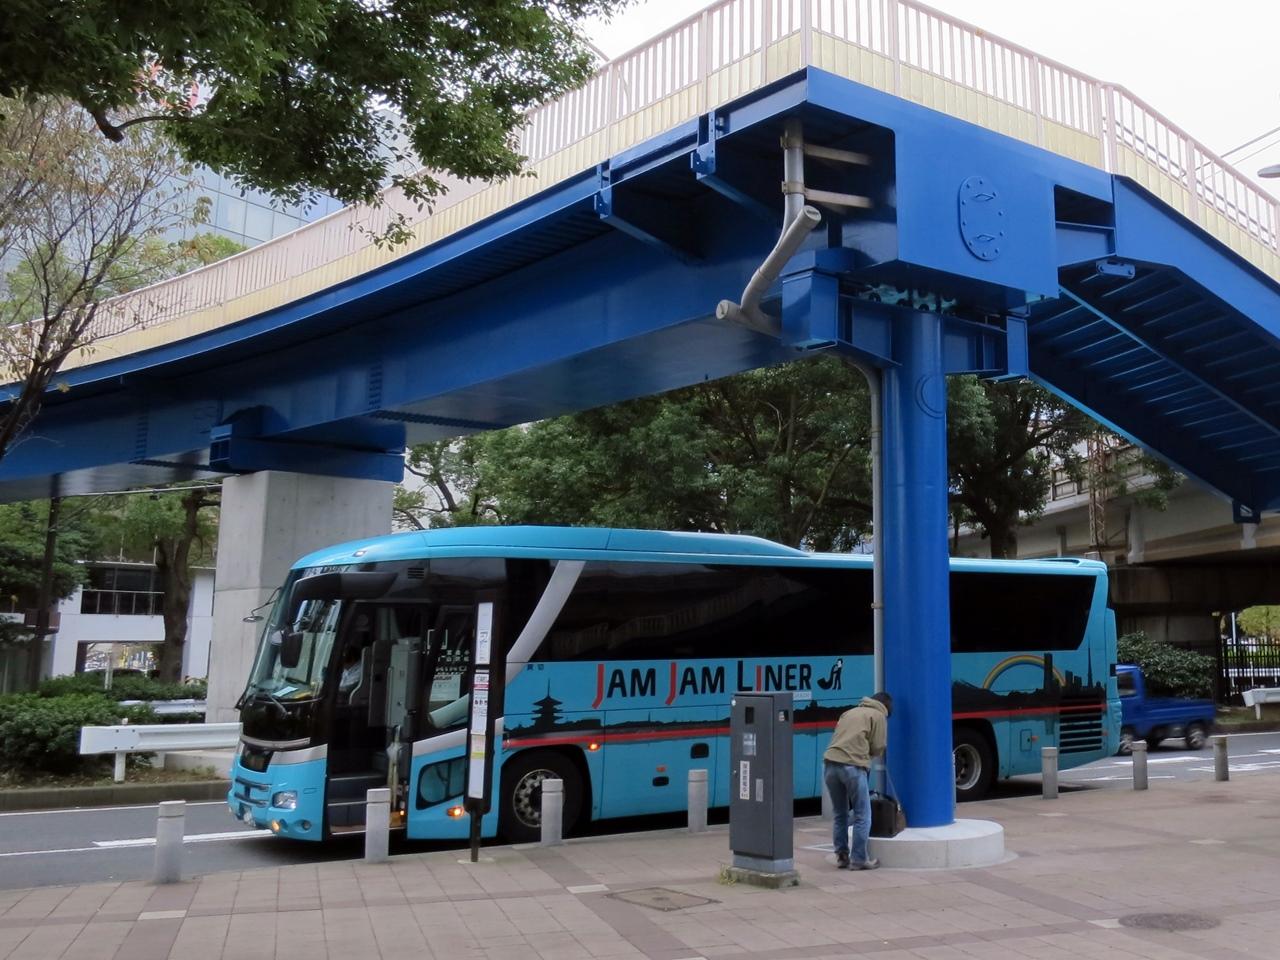 151125金沢から夜行バス-06